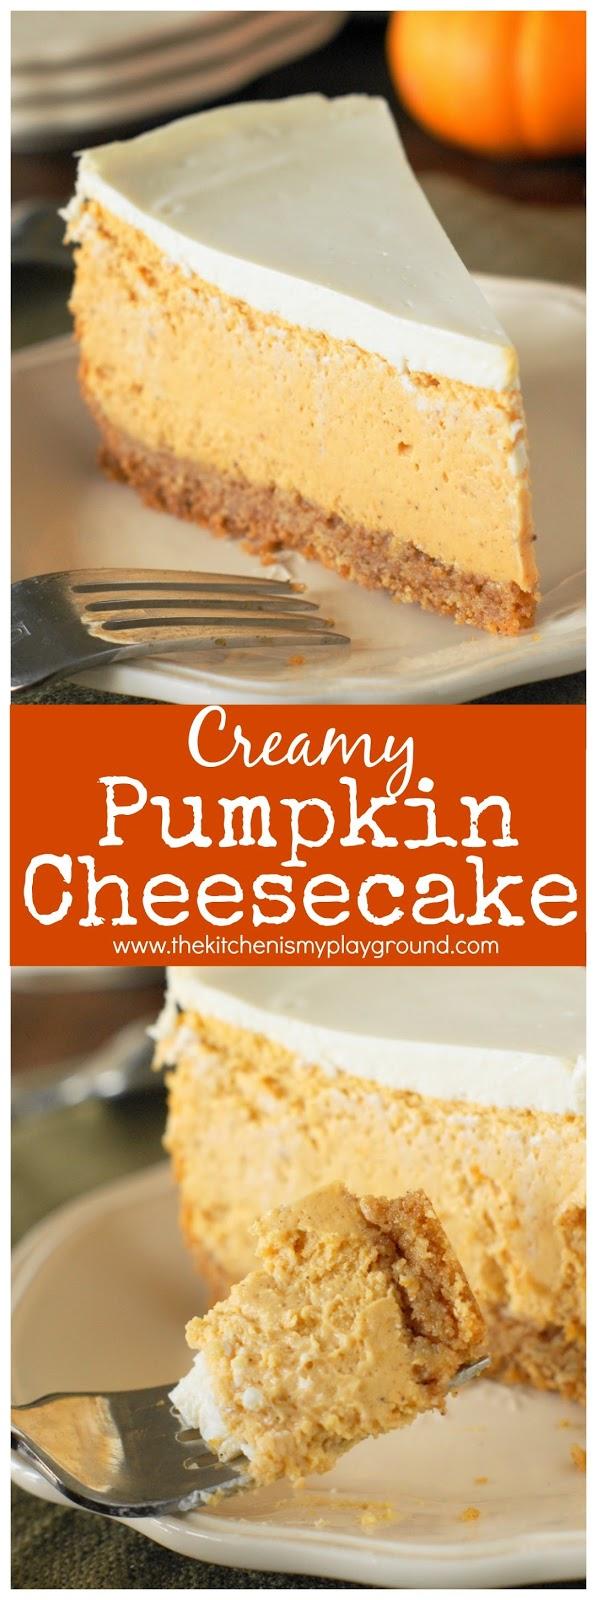 Creamy Pumpkin Cheesecake - The Kitchen is My Playground